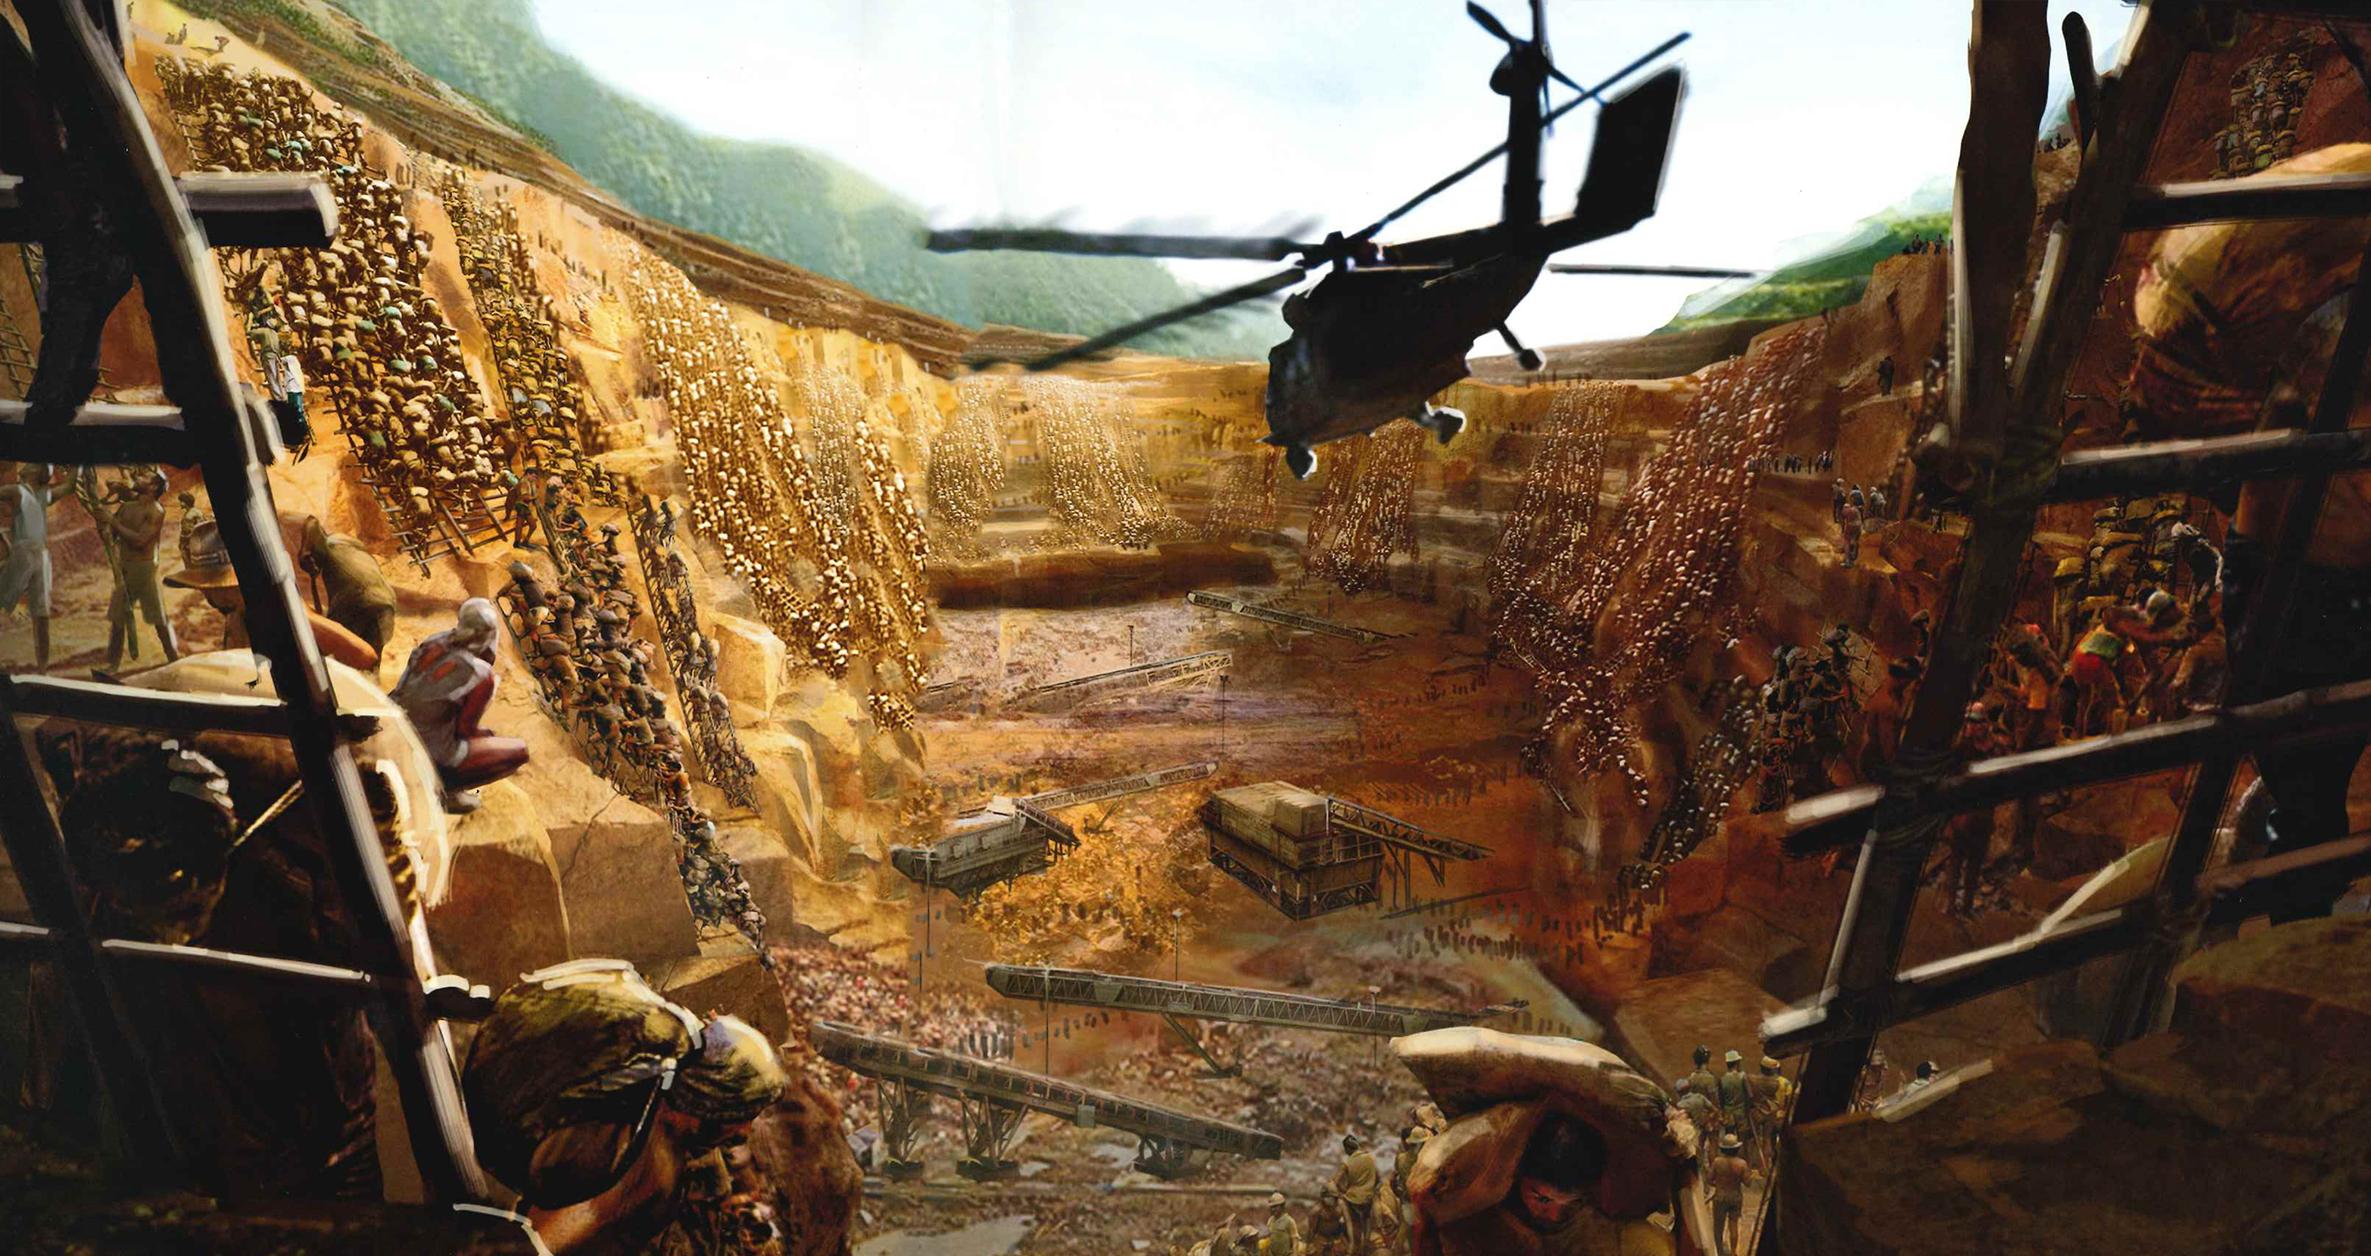 Concept art de la excavación, plano medio.